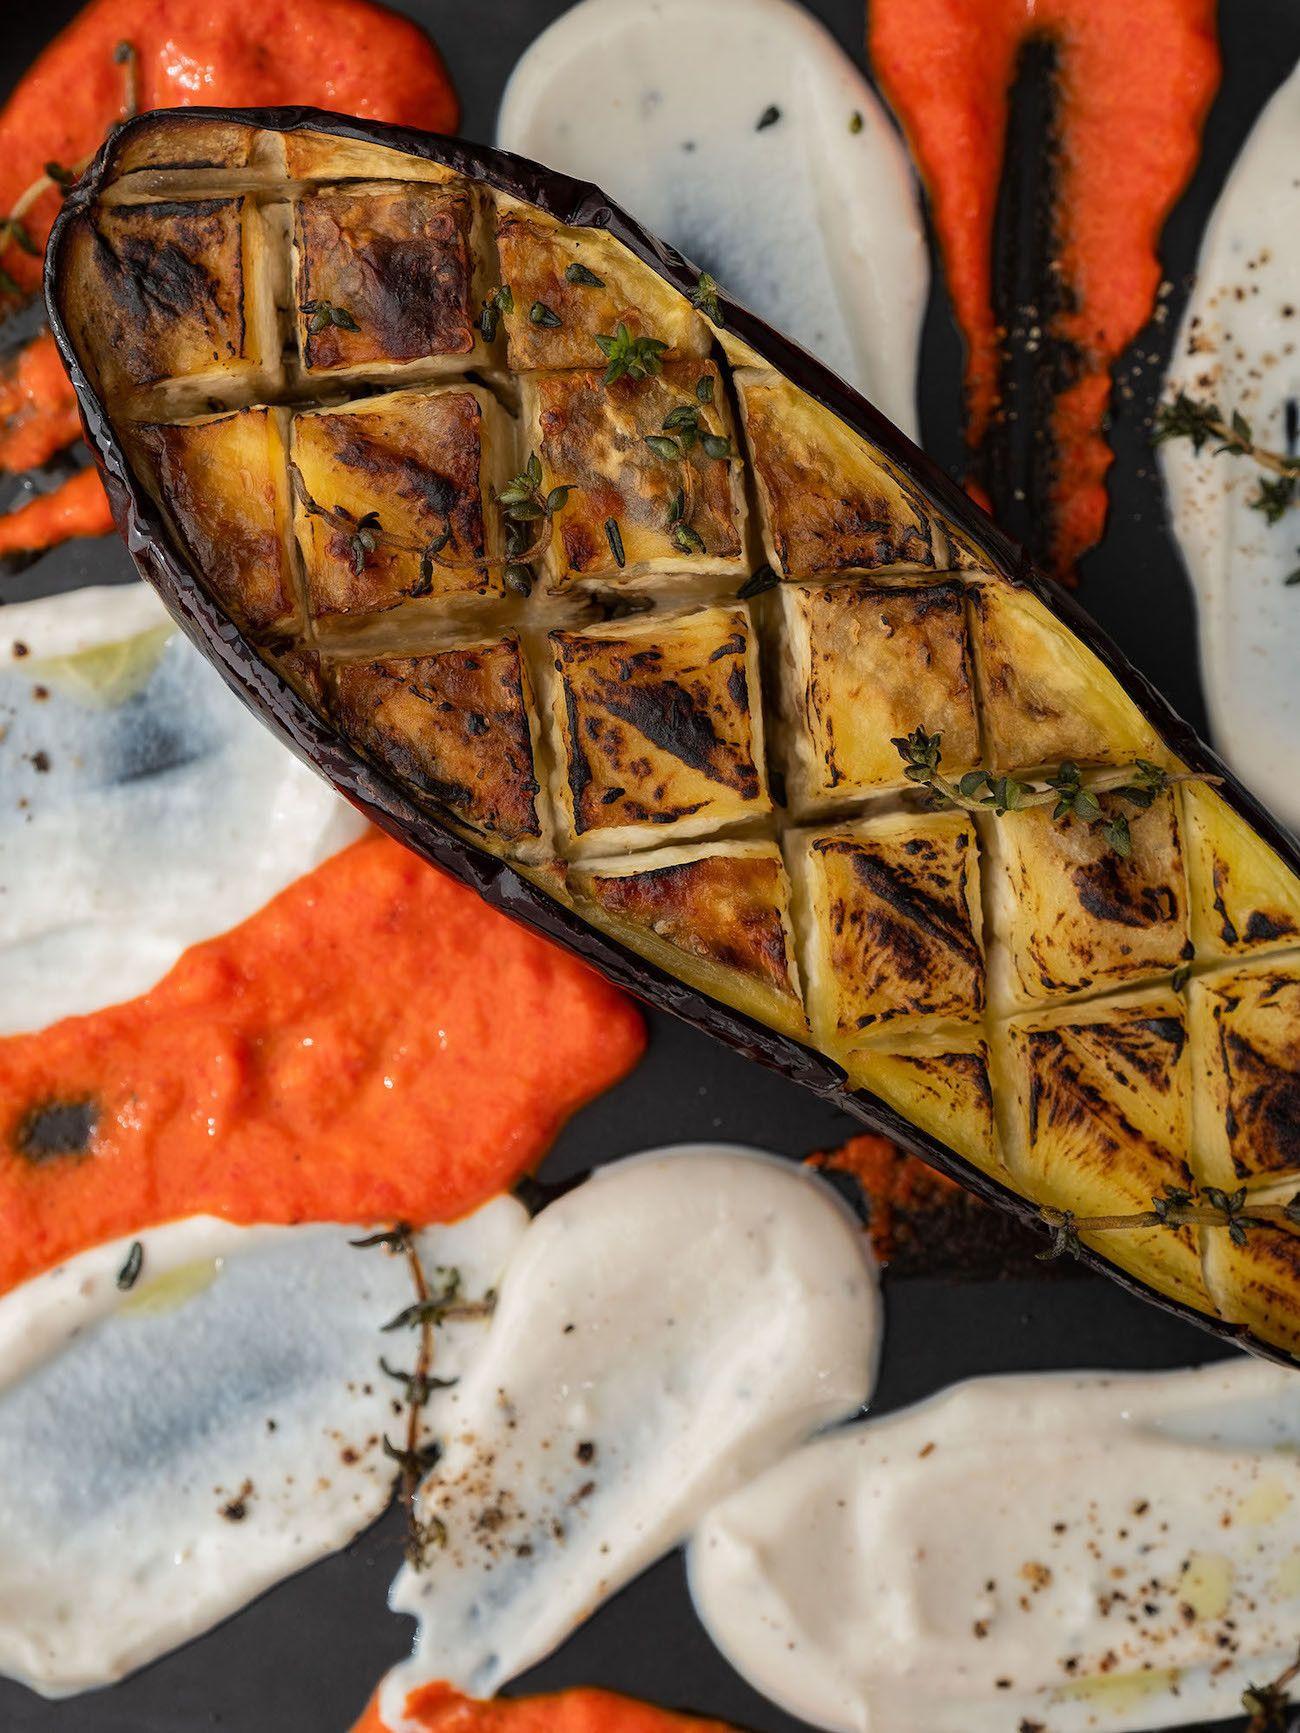 Foodblog About Fuel, Rezept Gegrillte Aubergine mit Joghurt-Tahin Soße und Paprika Dip, Thymian, Pfeffer